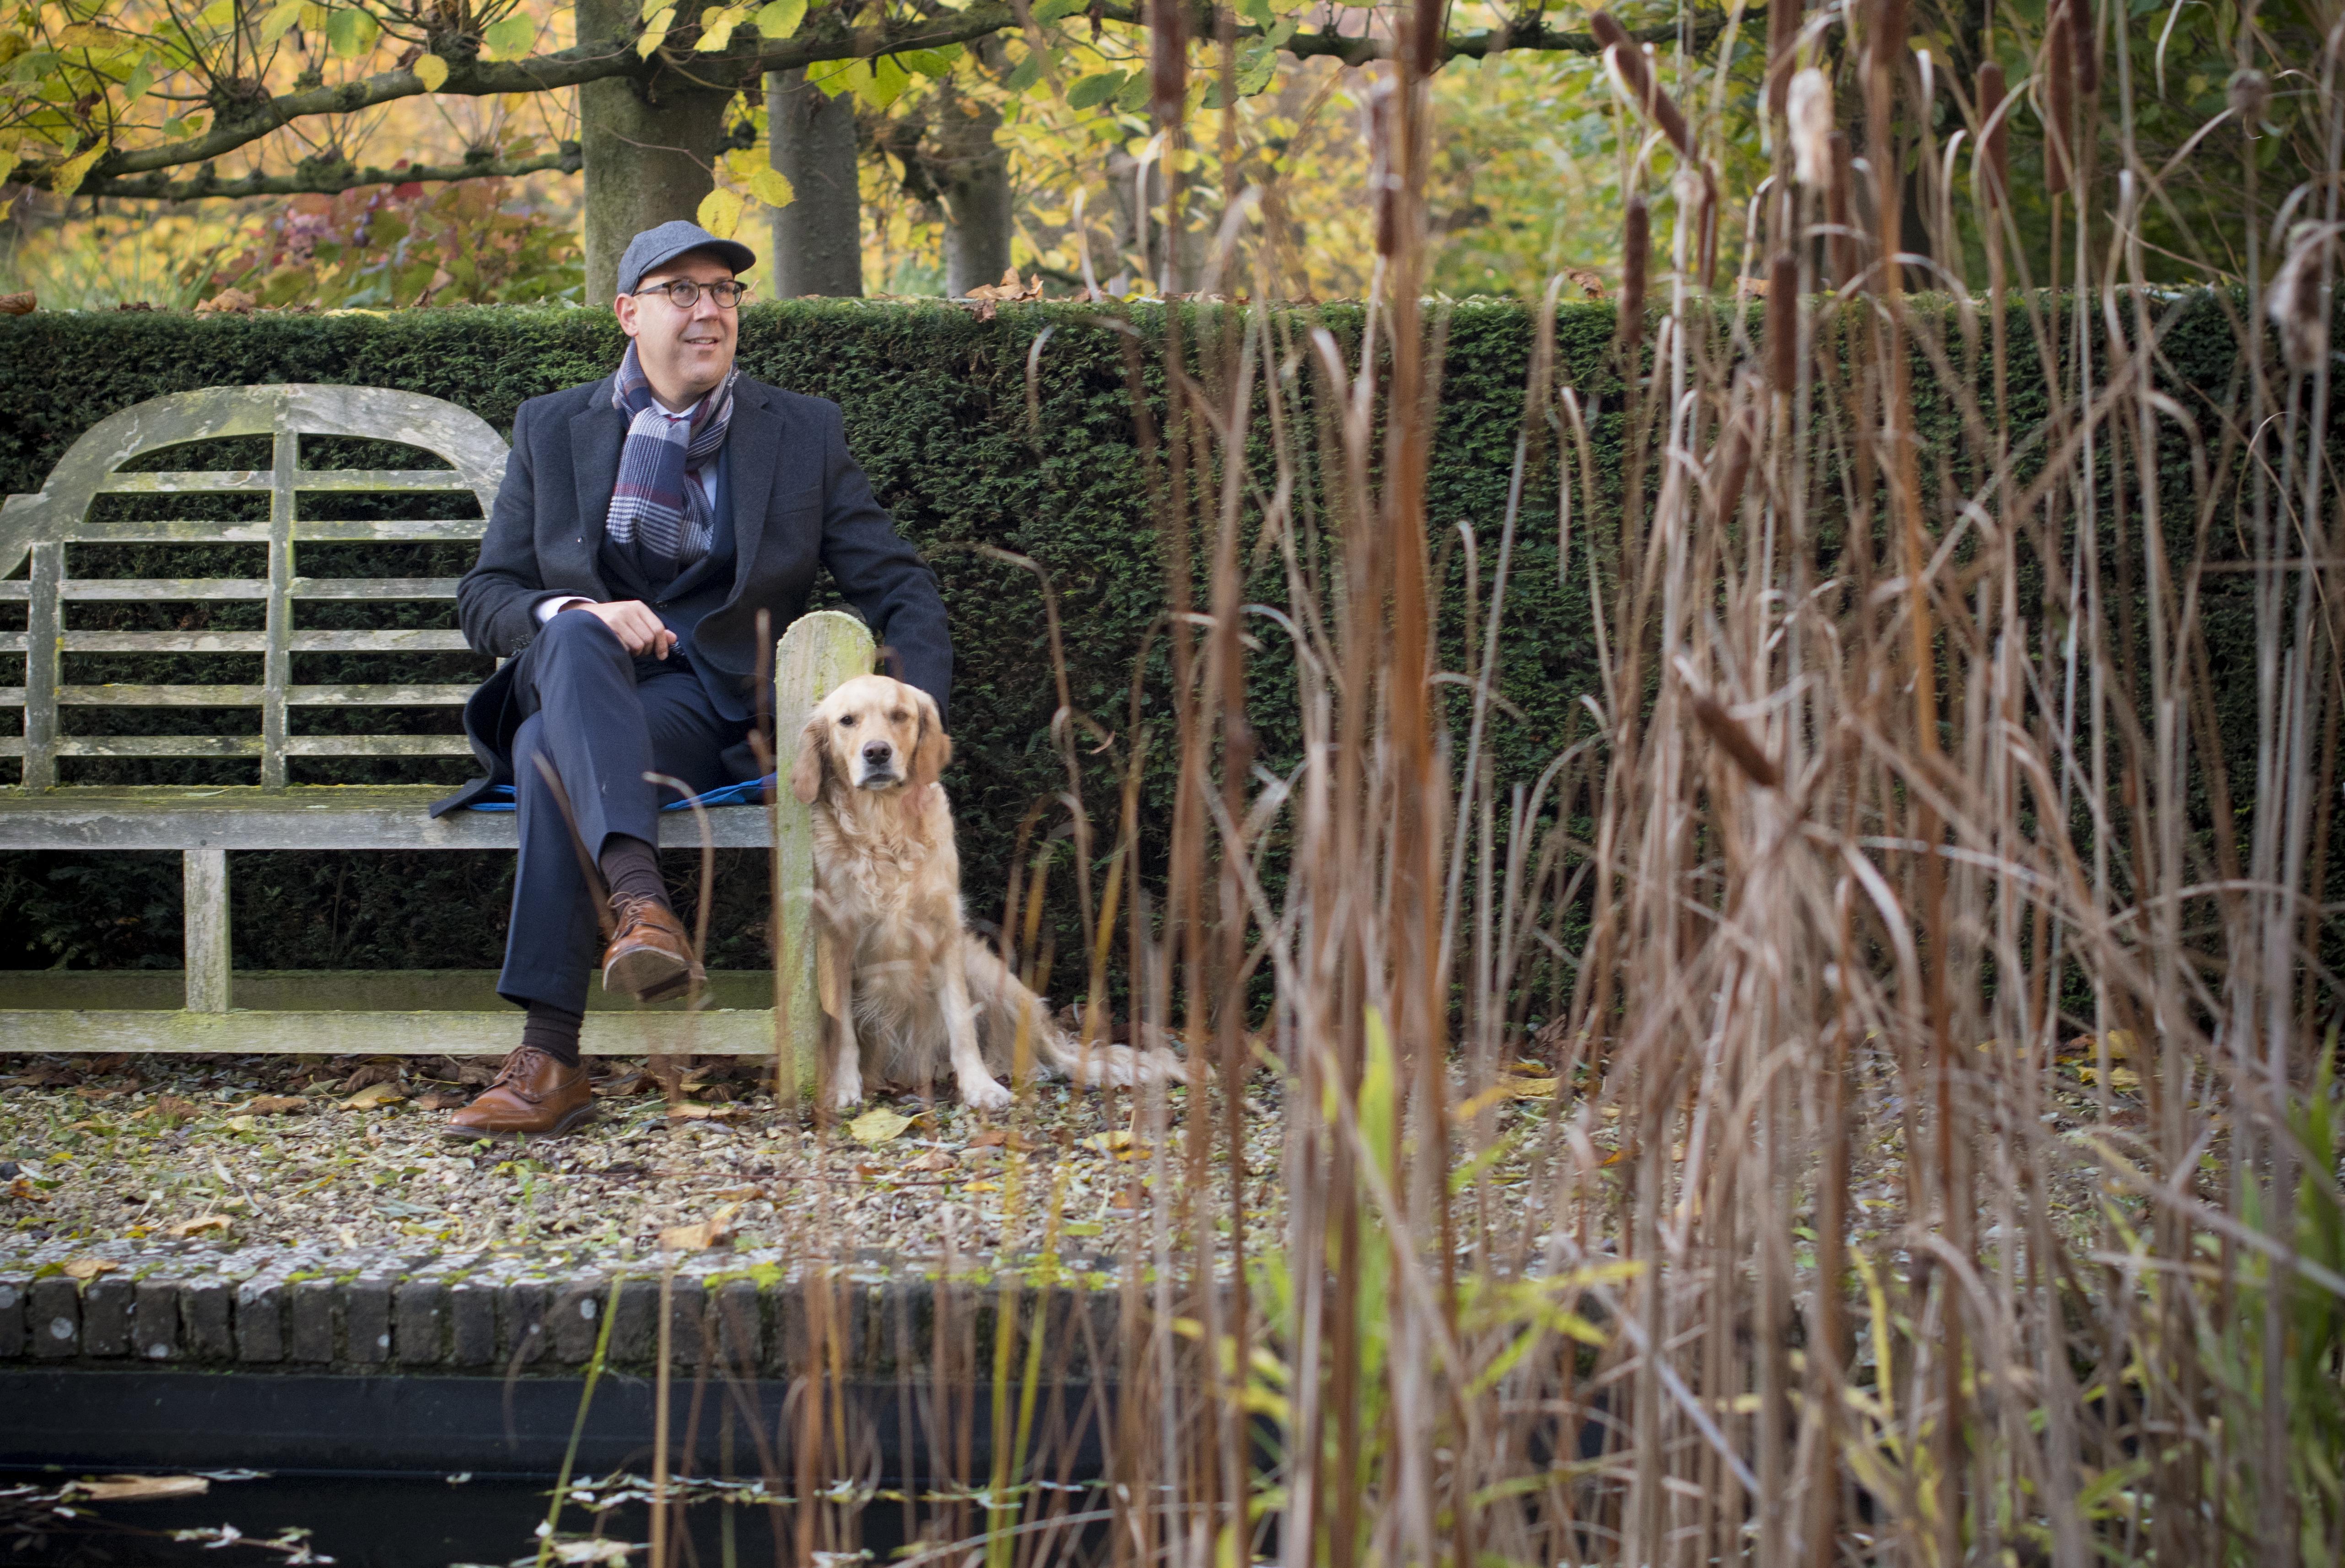 Francis De Nolf is altijd een groot natuurliefhebber geweest. Samen met zijn familie en de Roulartagroep vindt hij het zijn plicht om zorg te dragen voor de natuur. Daarom deden ze een schenking voor de Uitkerkse Polder.